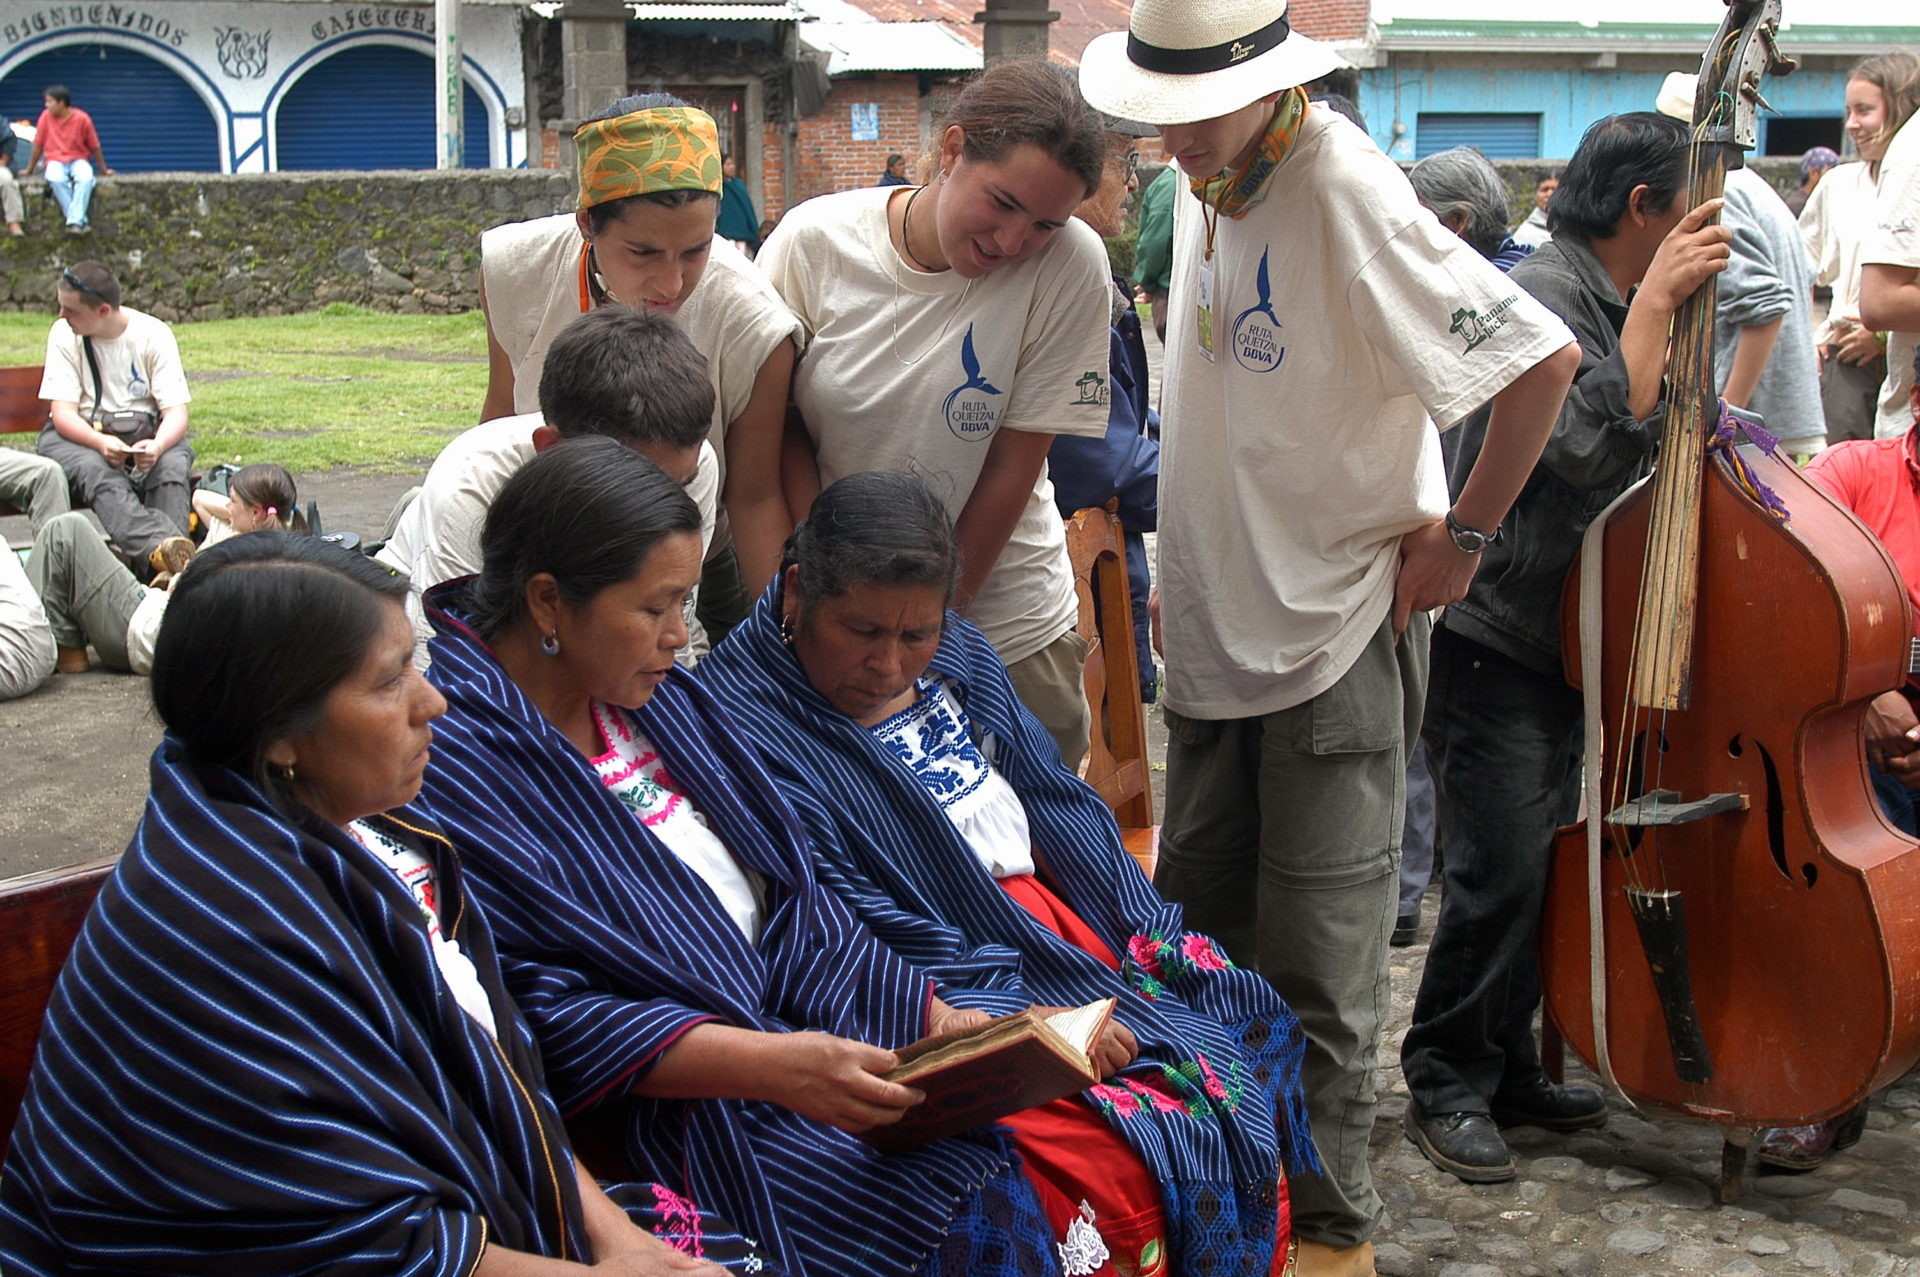 Fotografía: Expedición 2004: De los Volcanes Mexicanos a la Translatio (Angahuan, Michoacán, México)